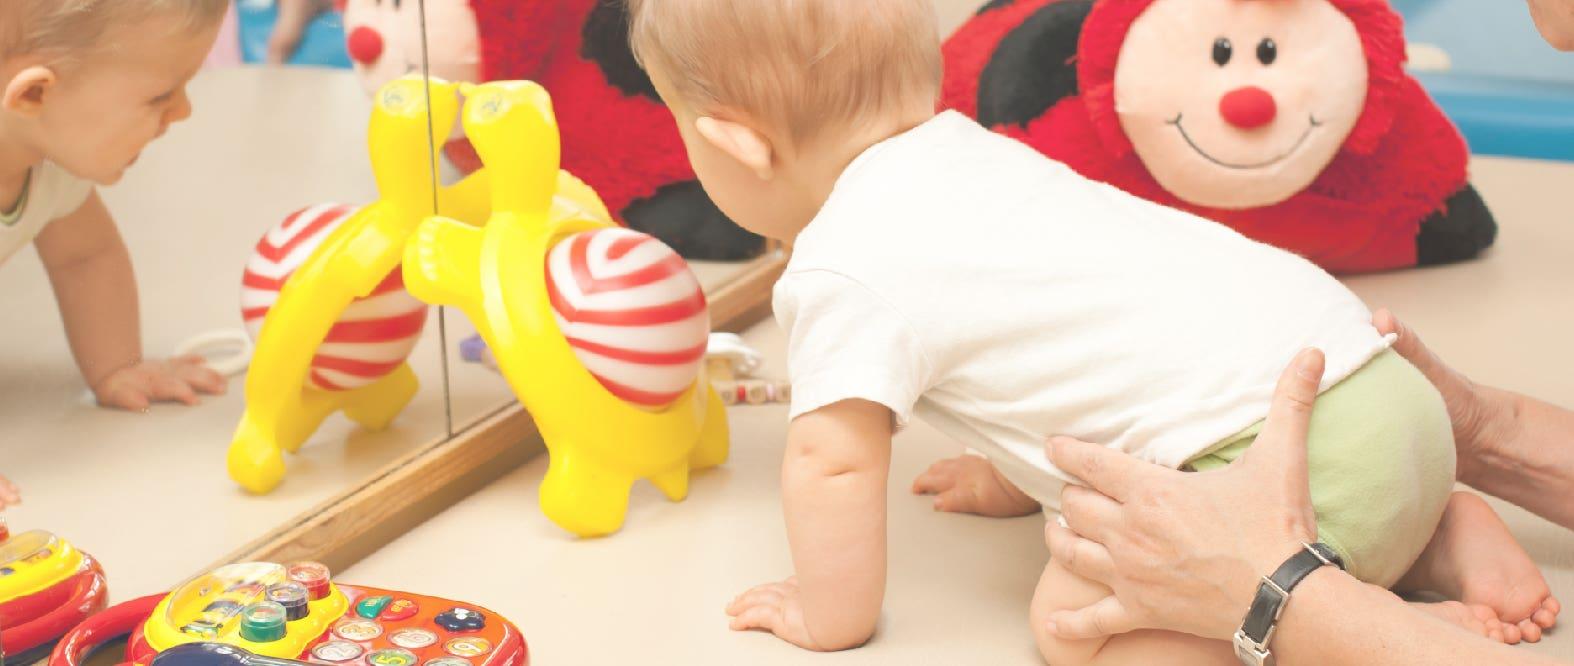 ¡Estimula a tu pequeño usando juguetes!